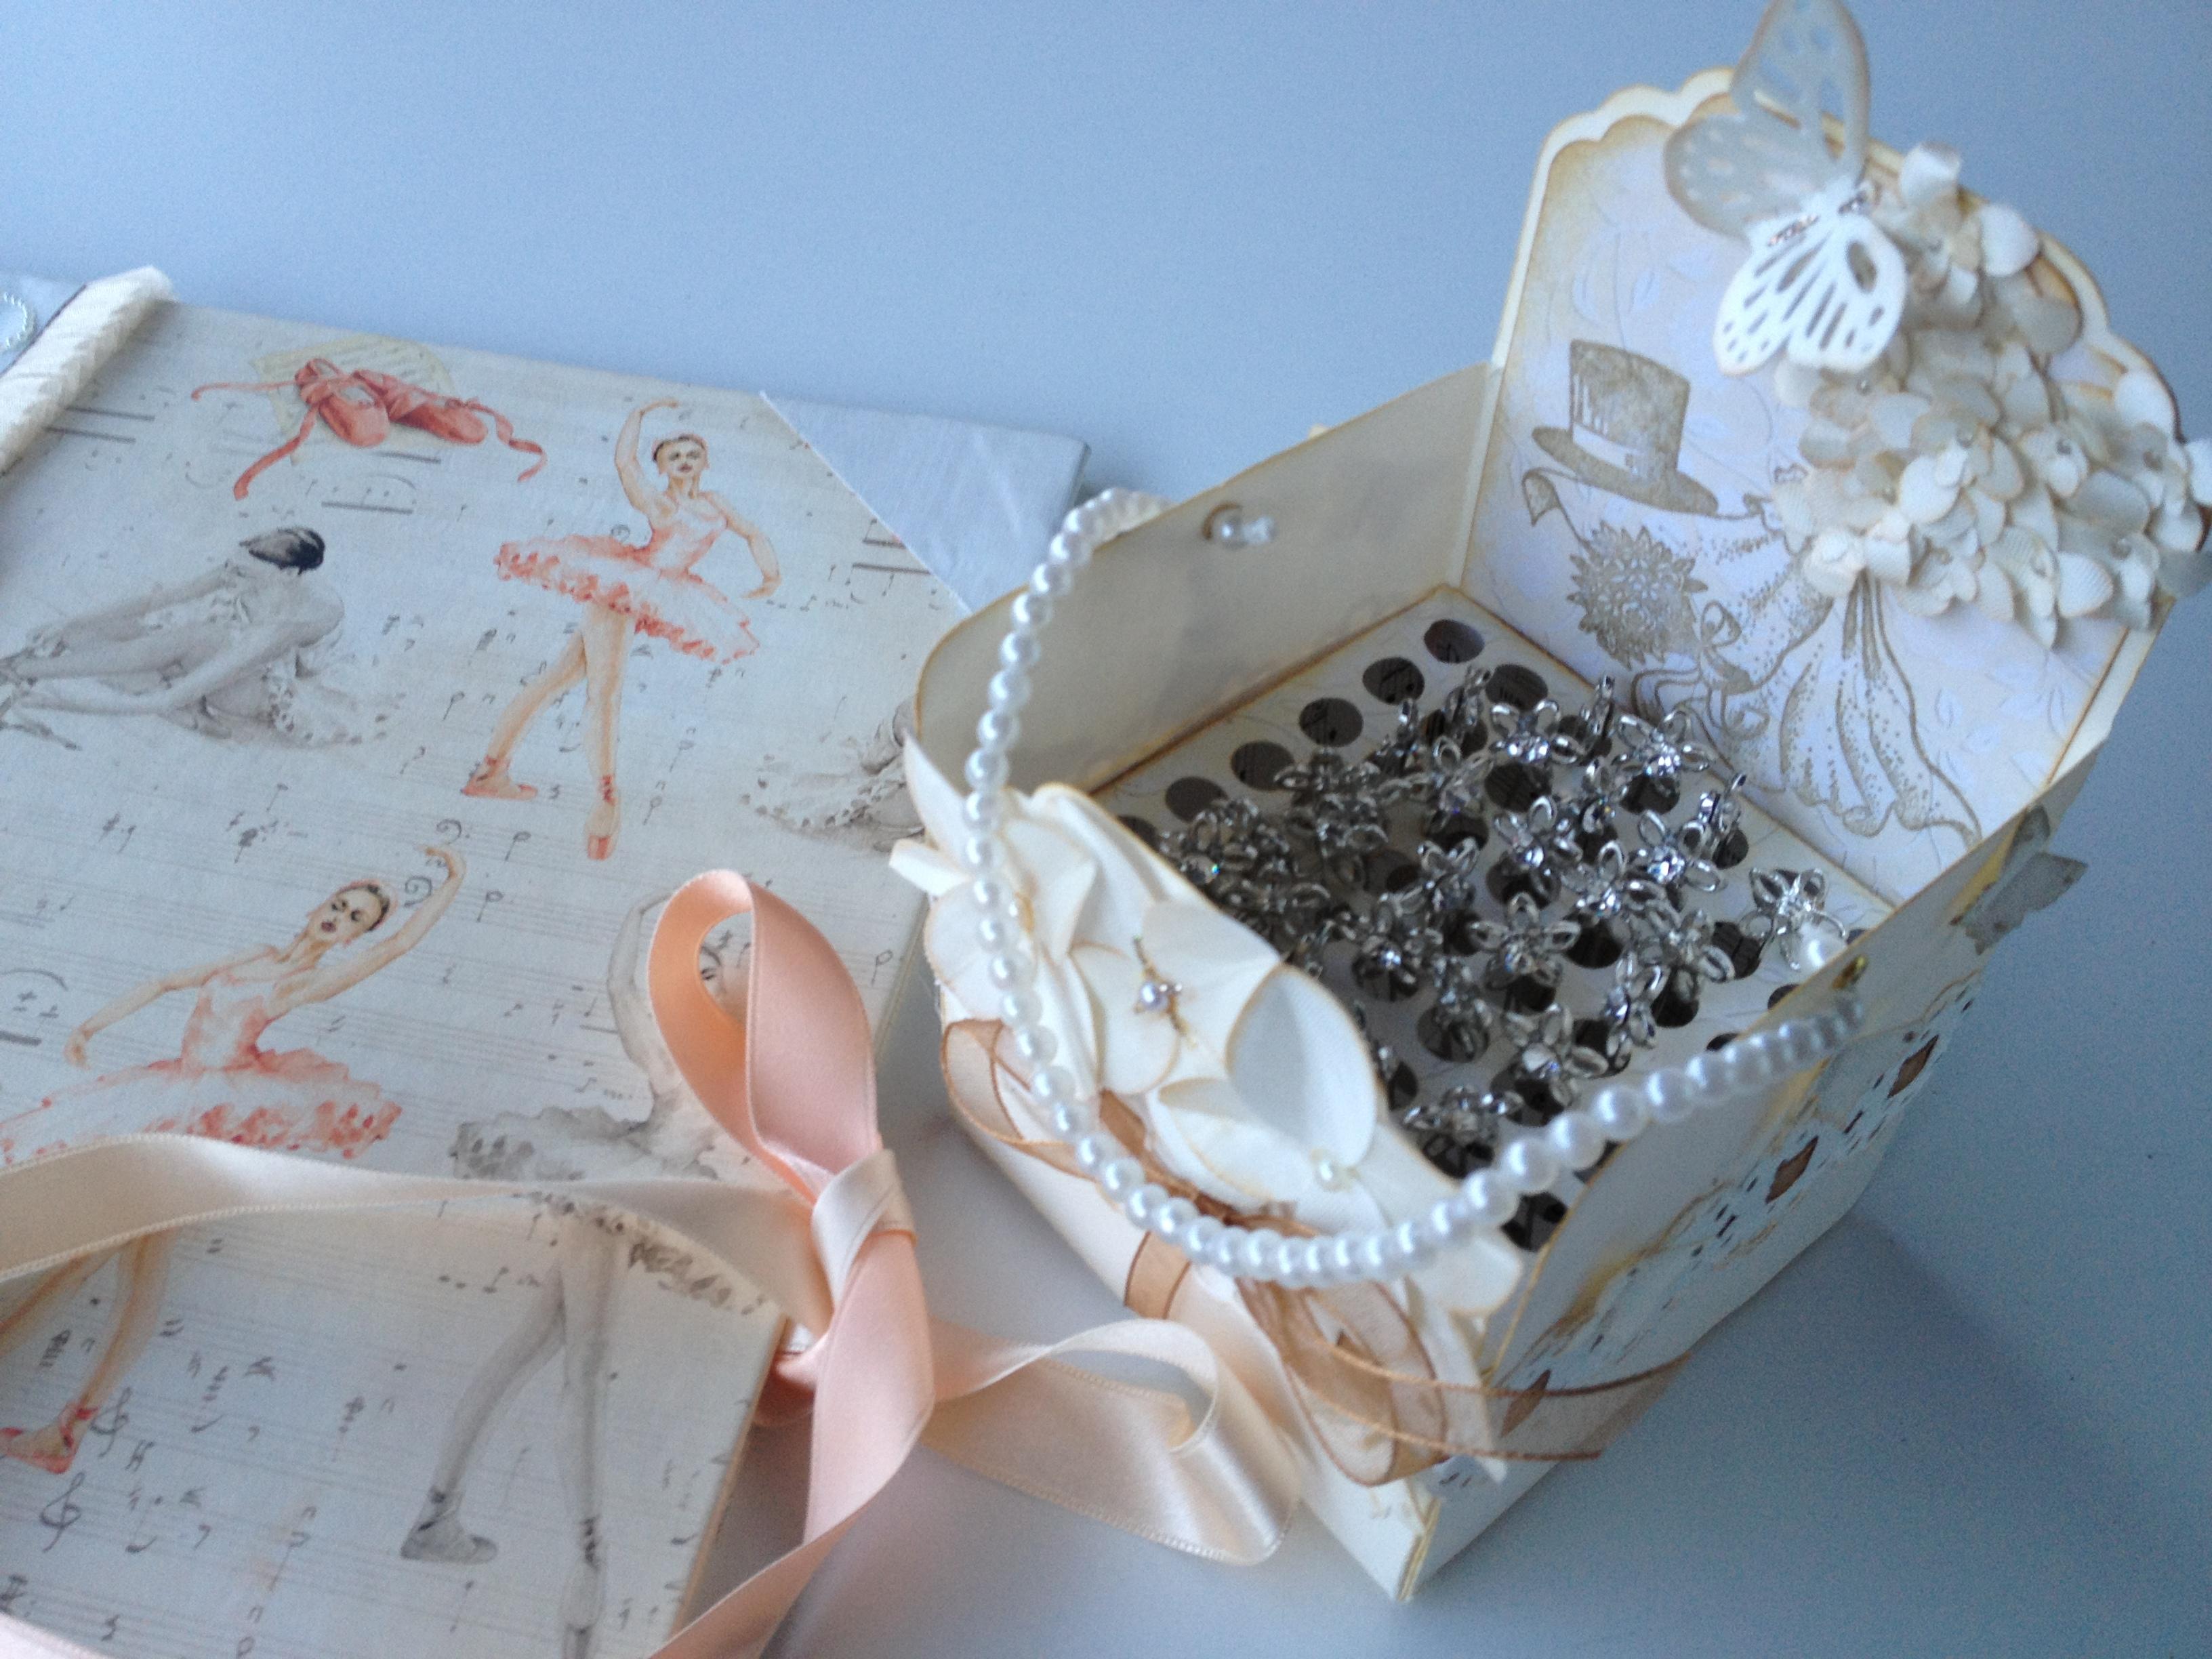 Proyecto realizado bajo la temática del ballet clásico